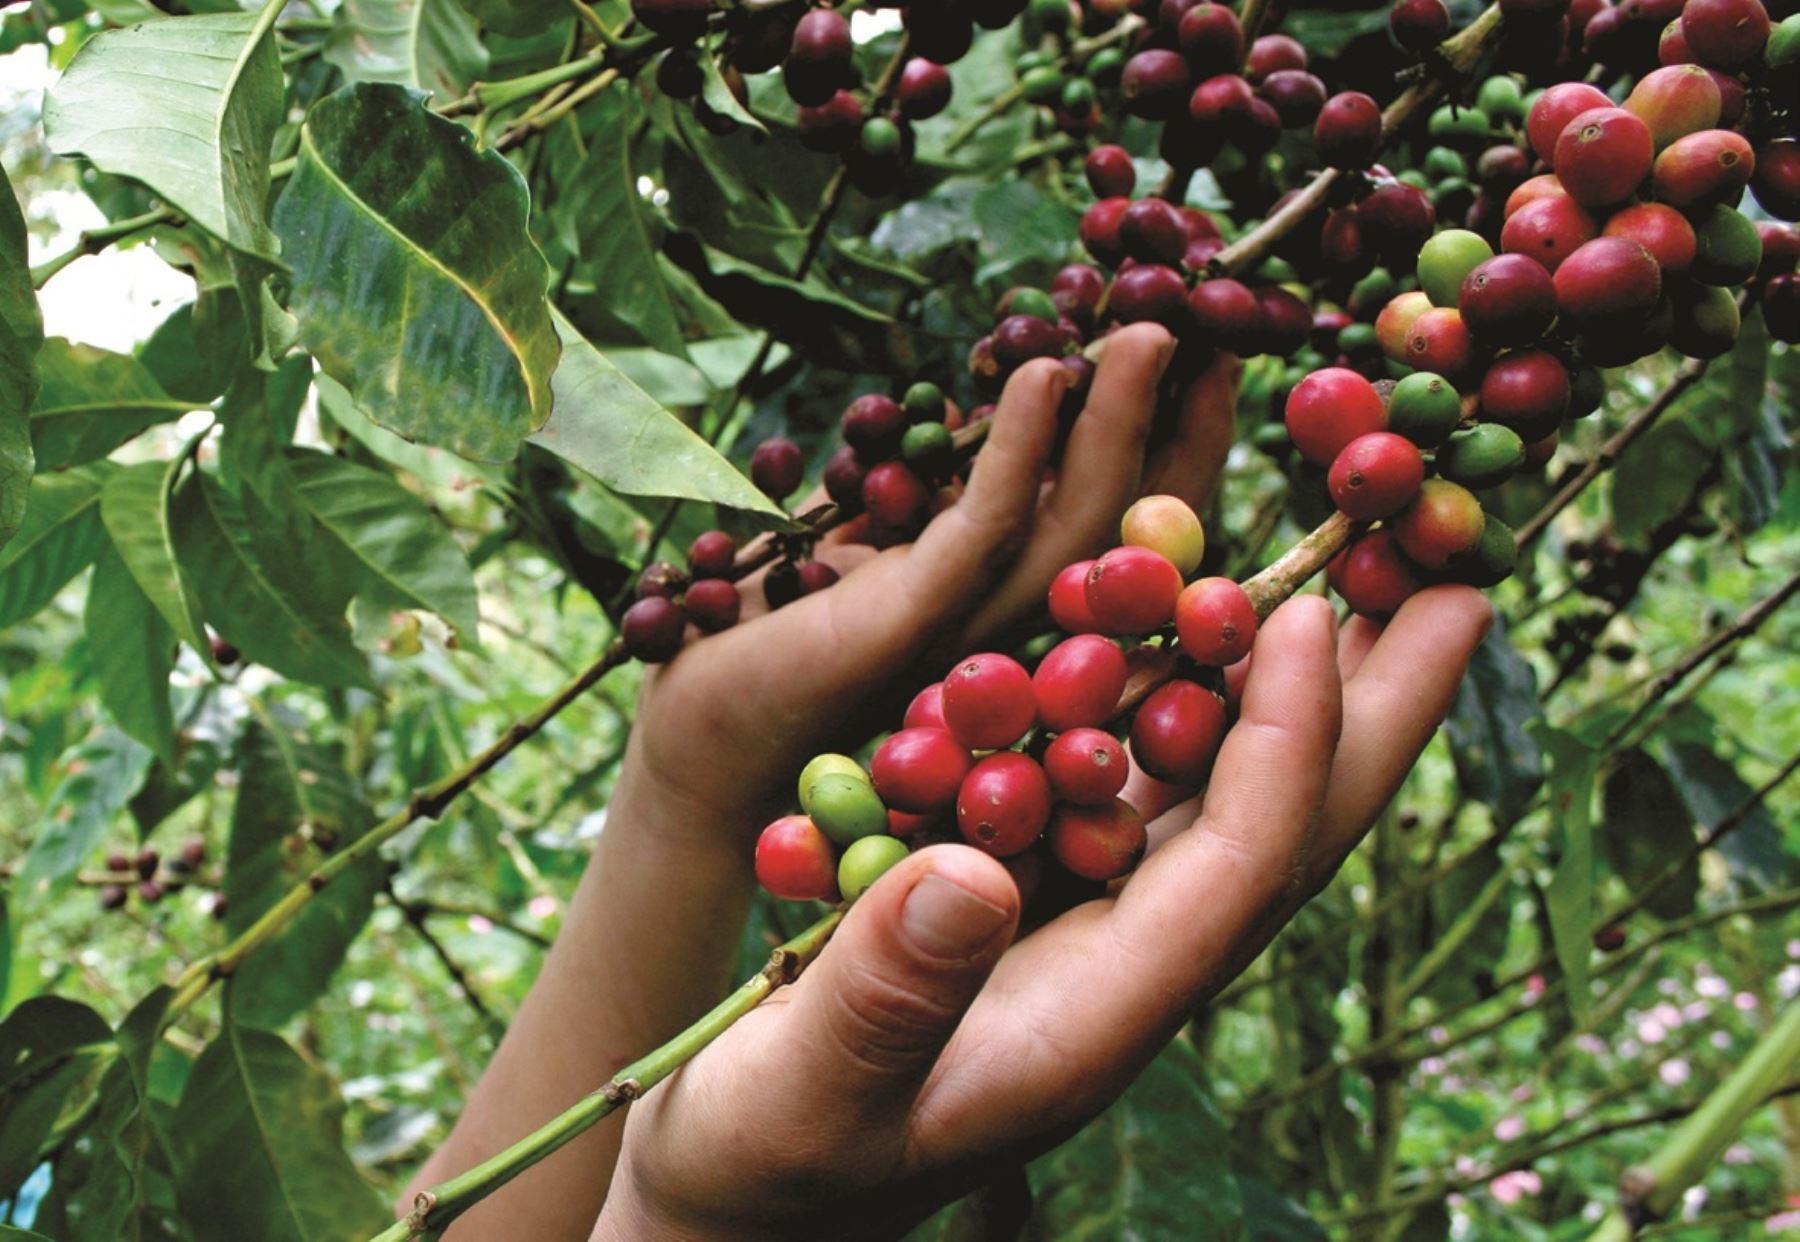 La suma llega a 255.000 millones de pesos. Autorizan $100.000 millones para apoyo a cafeteros | EL FRENTE